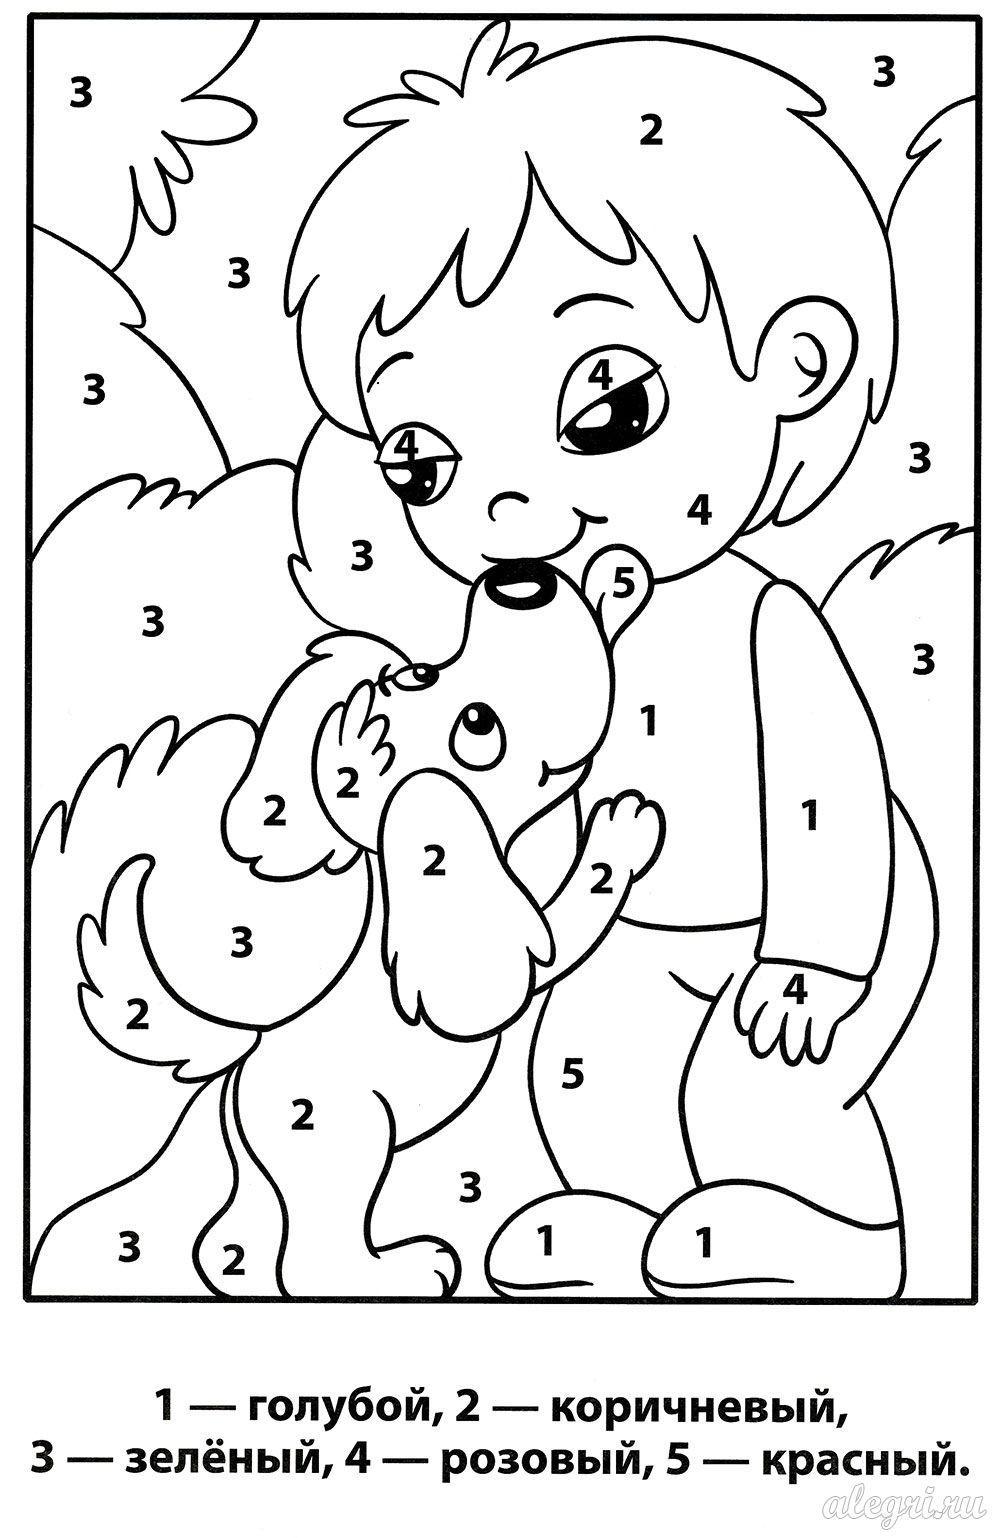 Раскраски по номерам для детей 4-7 лет